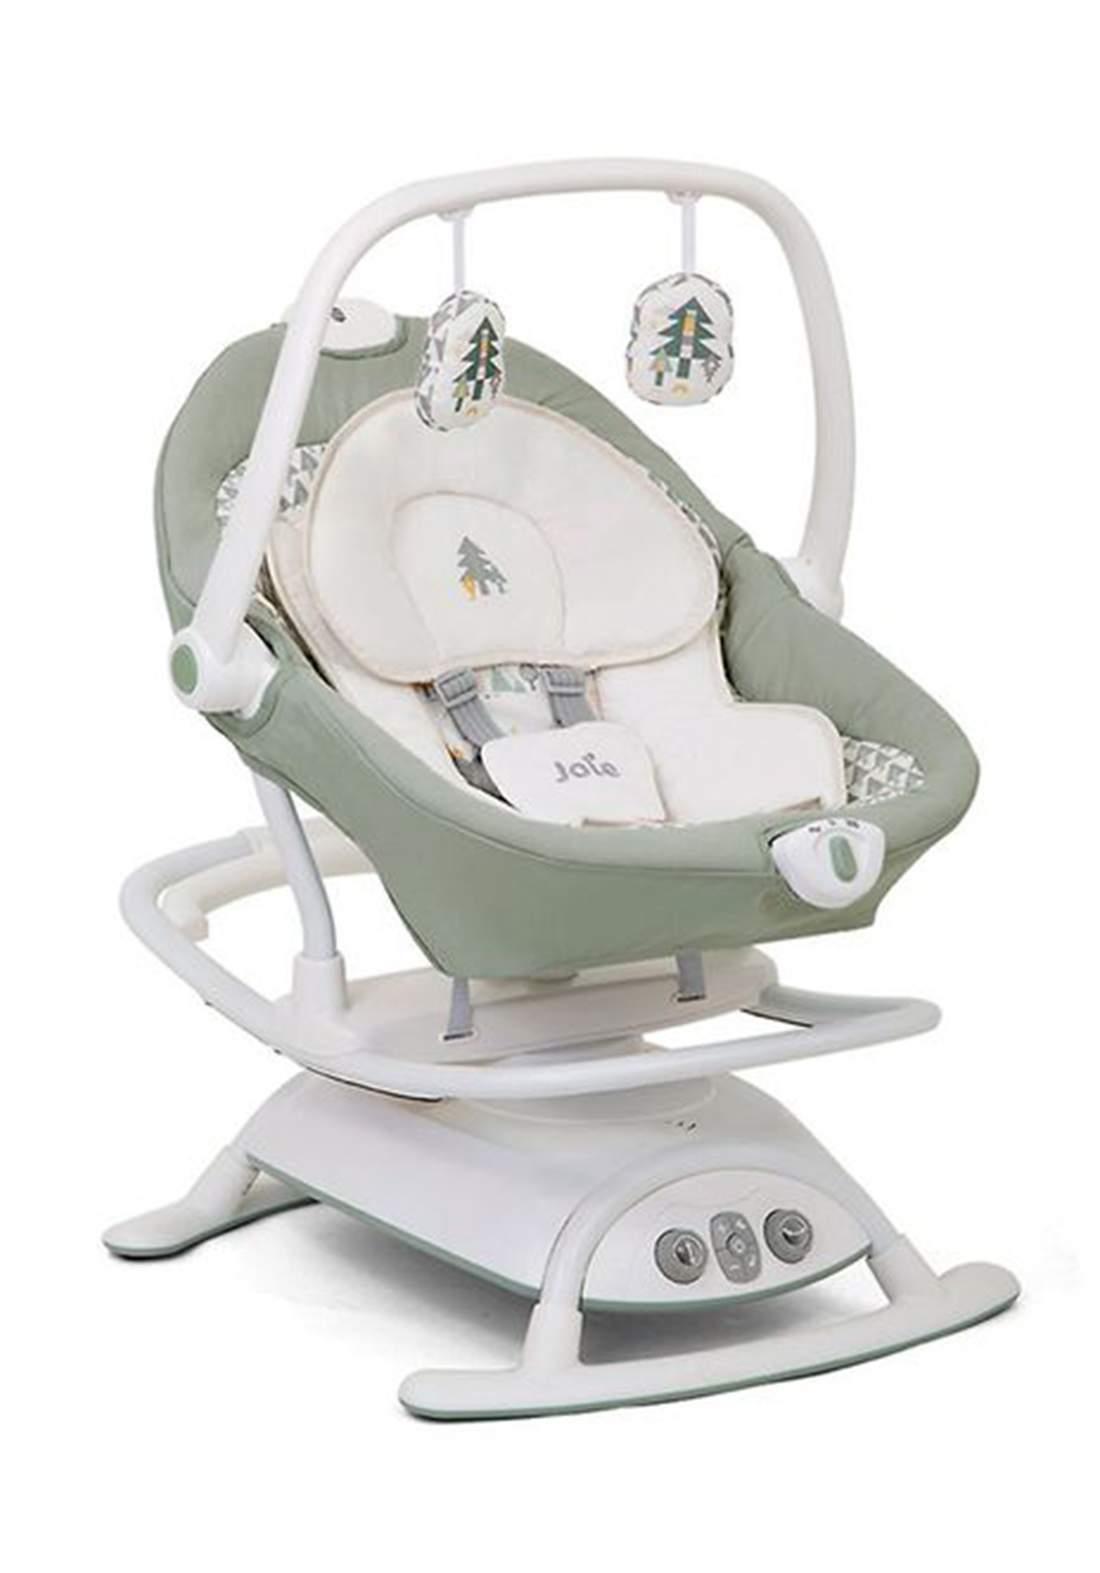 كرسي هزاز للاطفال لحديثي الولادةJoie Baby W1604AAWLD000 Swivel Seats